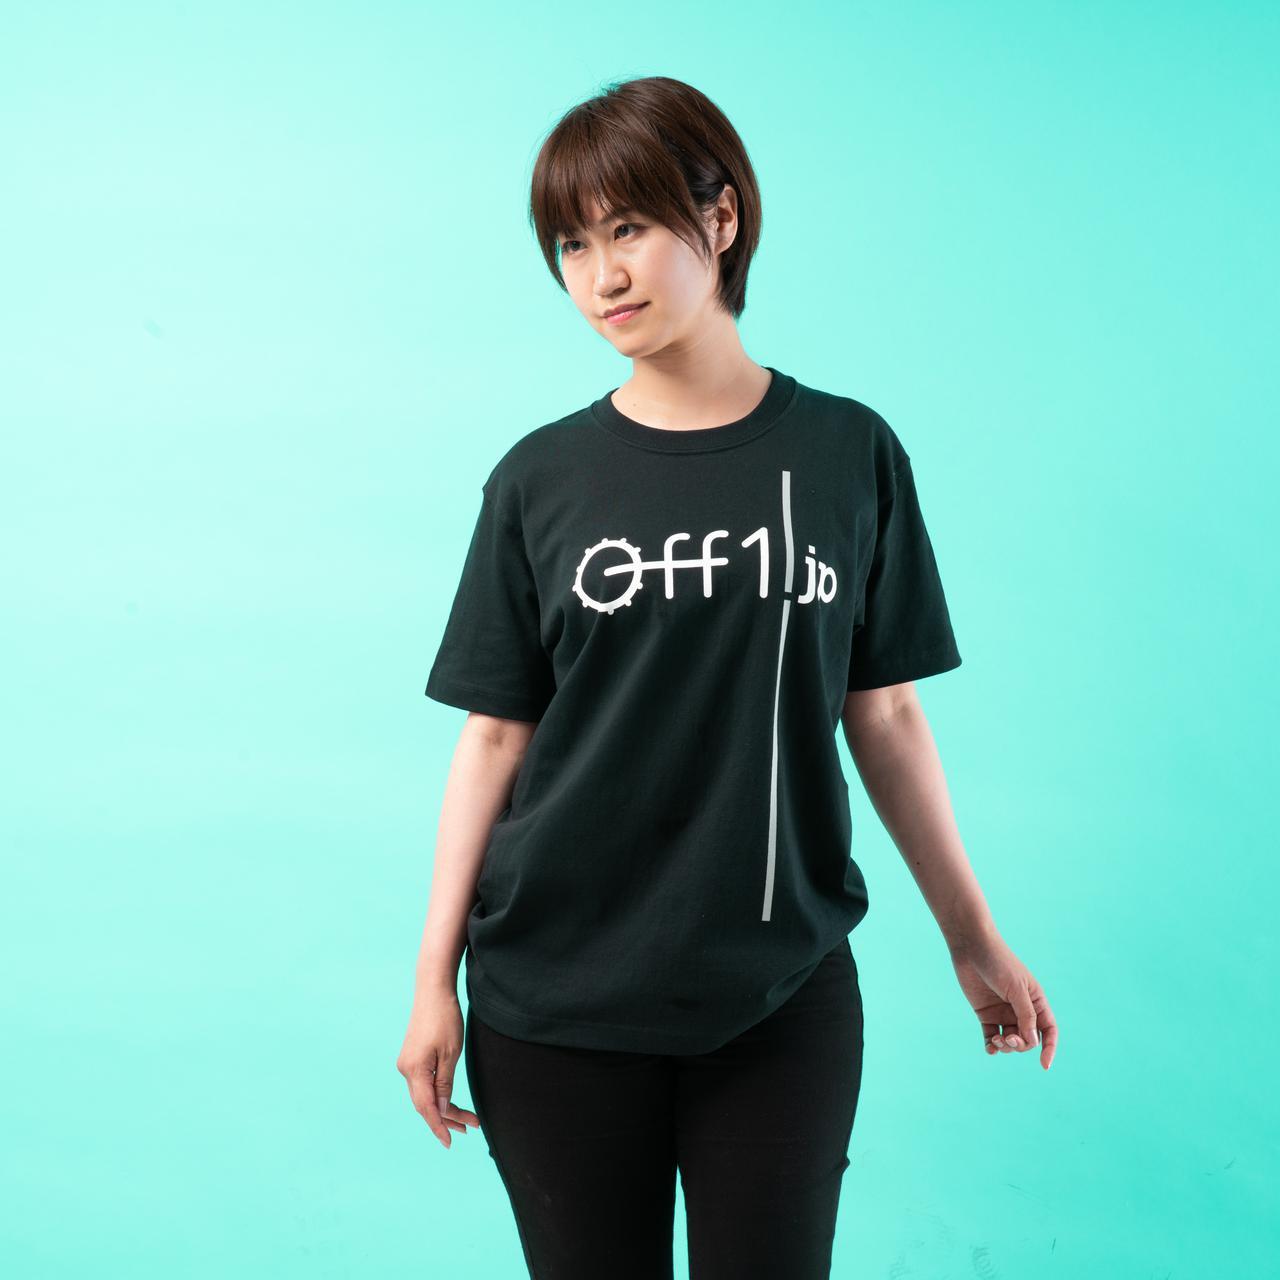 画像2: Off1.jp×TTPLのコラボTシャツ、誕生